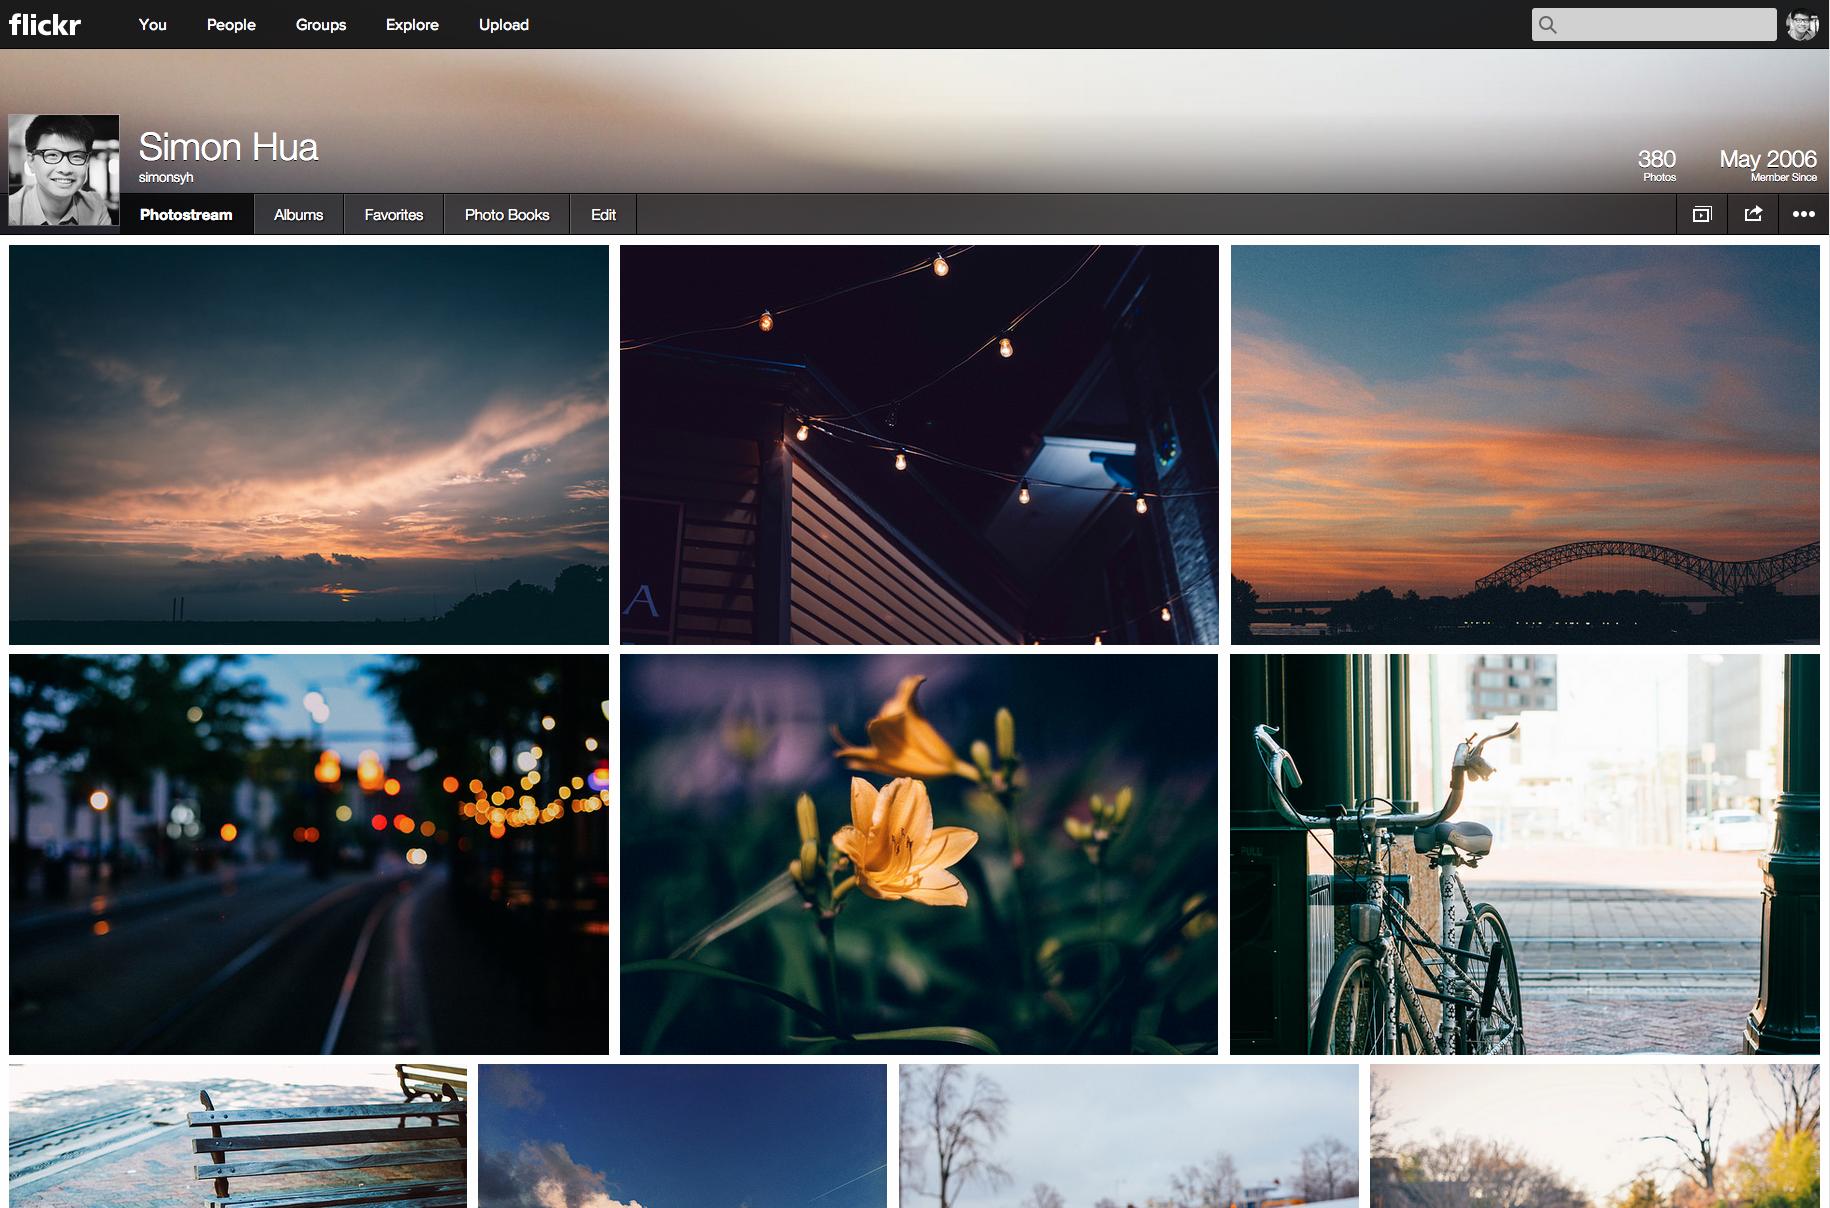 Flickr 2014